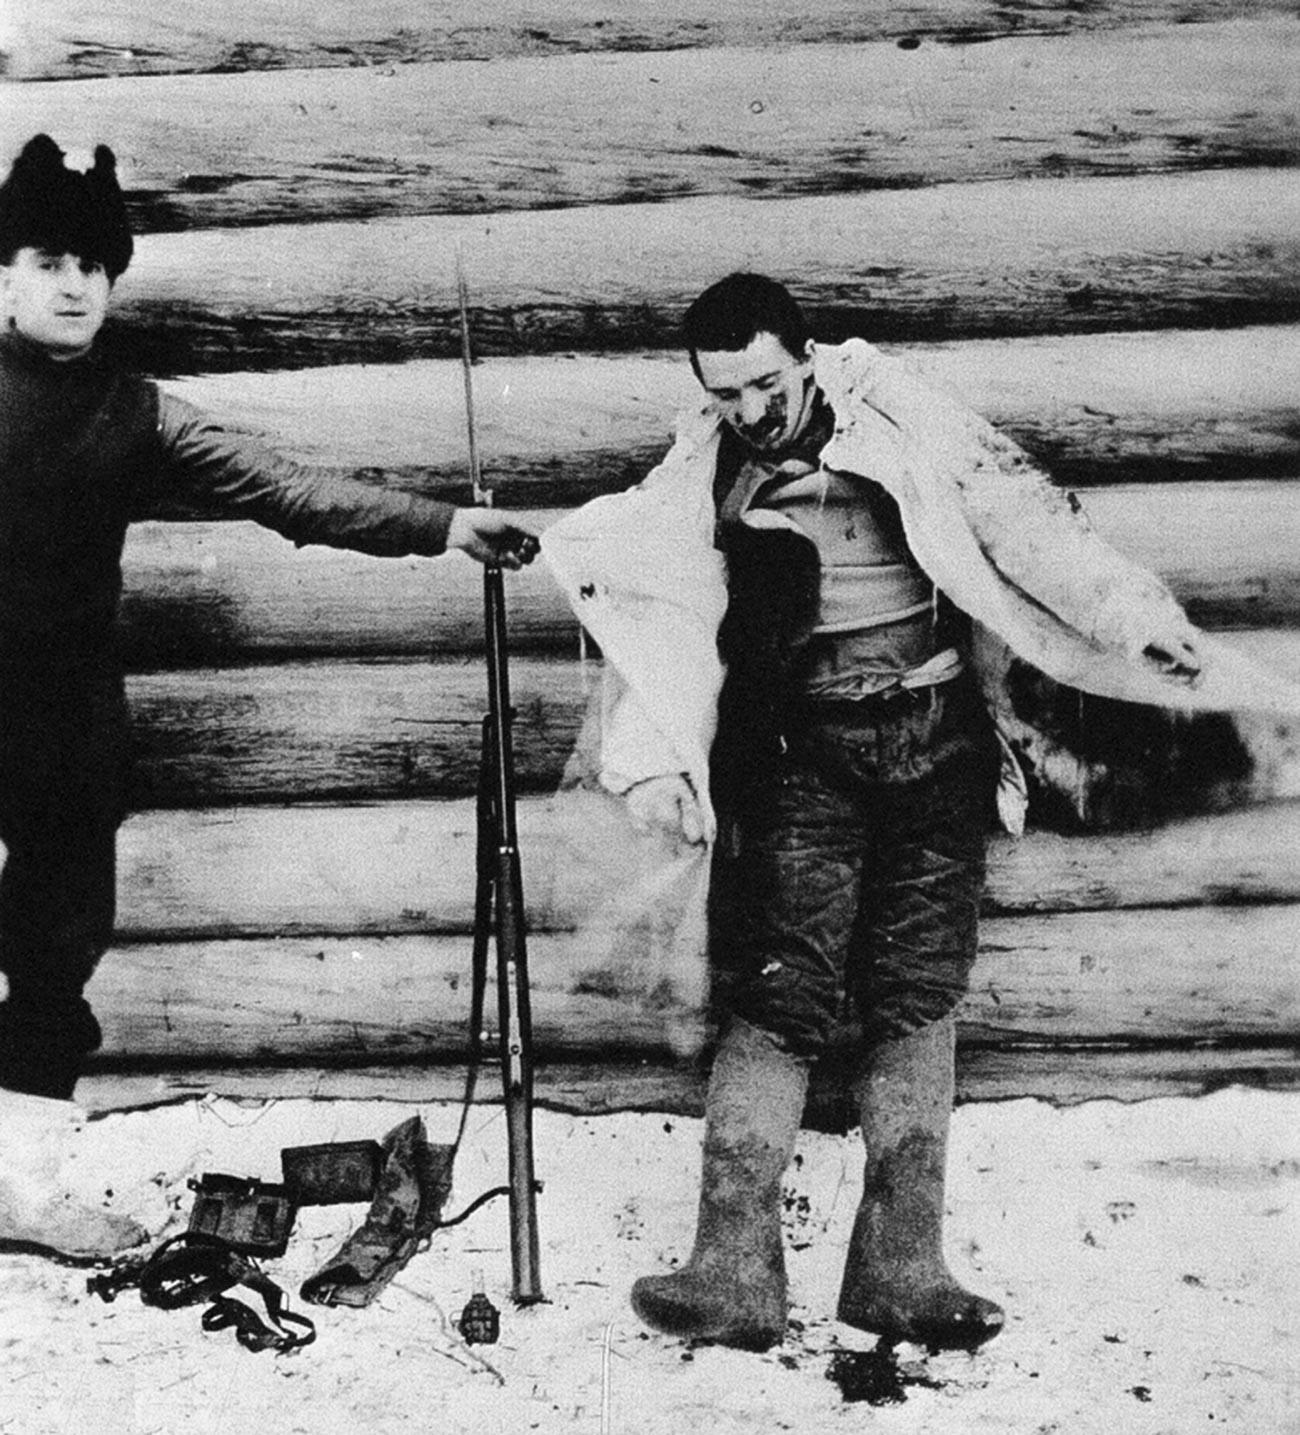 Un bolchevik blessé par un tir américain